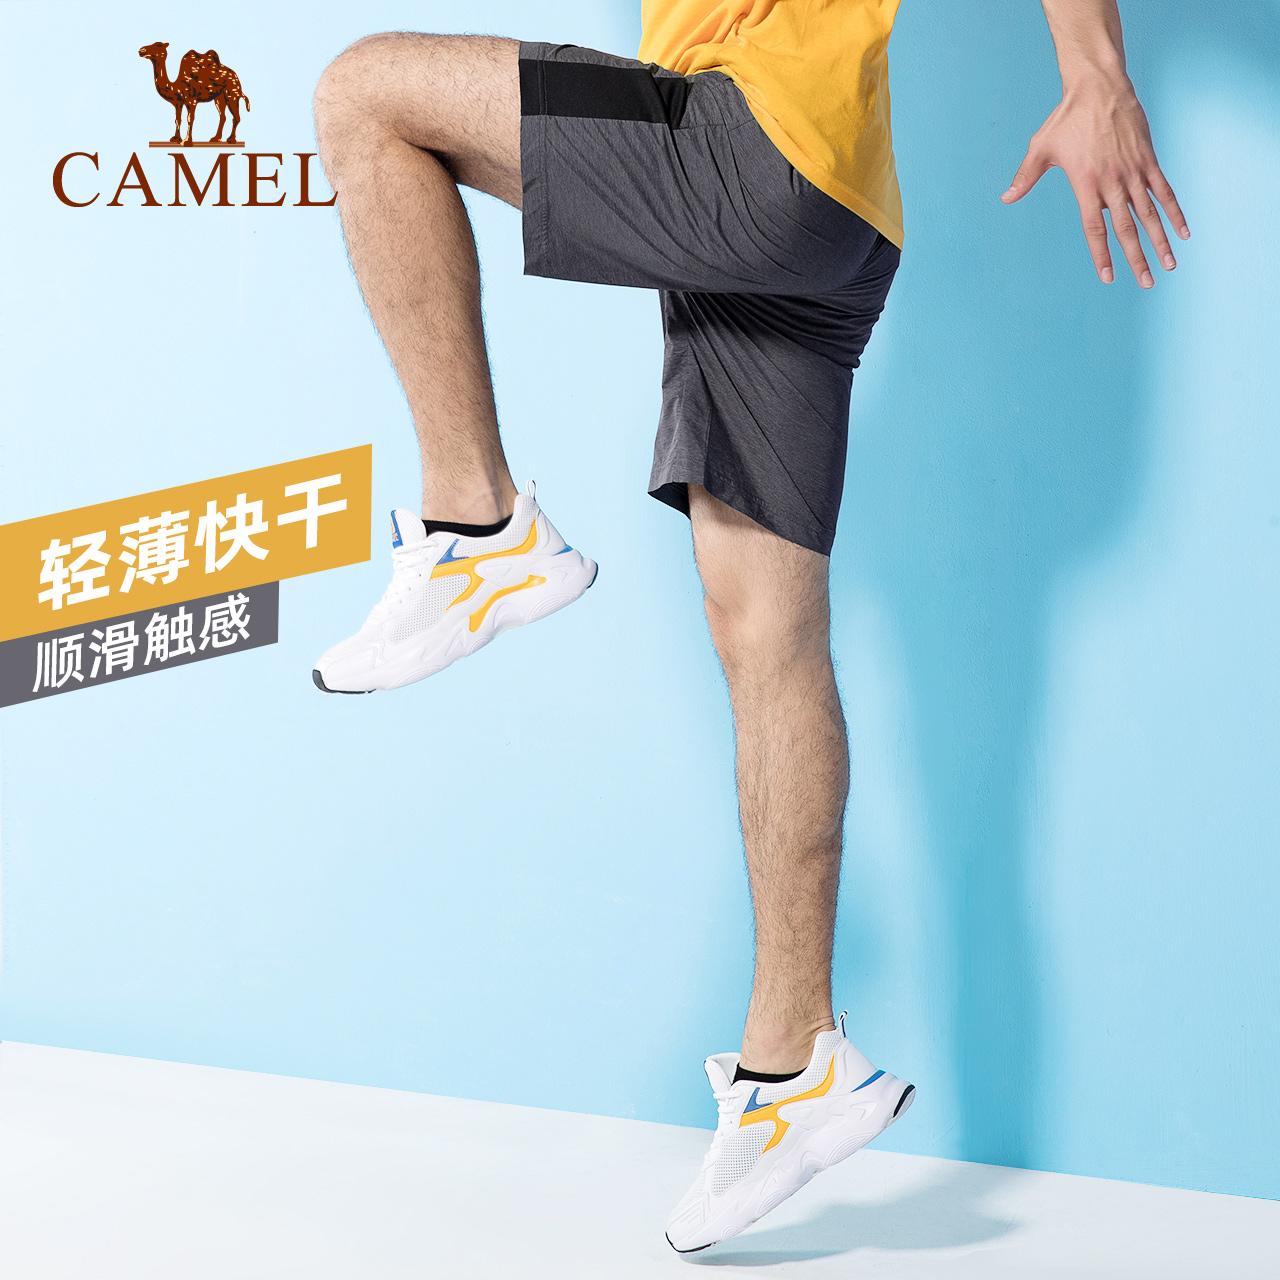 骆驼运动短裤男2020春夏新款舒适透气耐磨户外运动梭织中长裤男